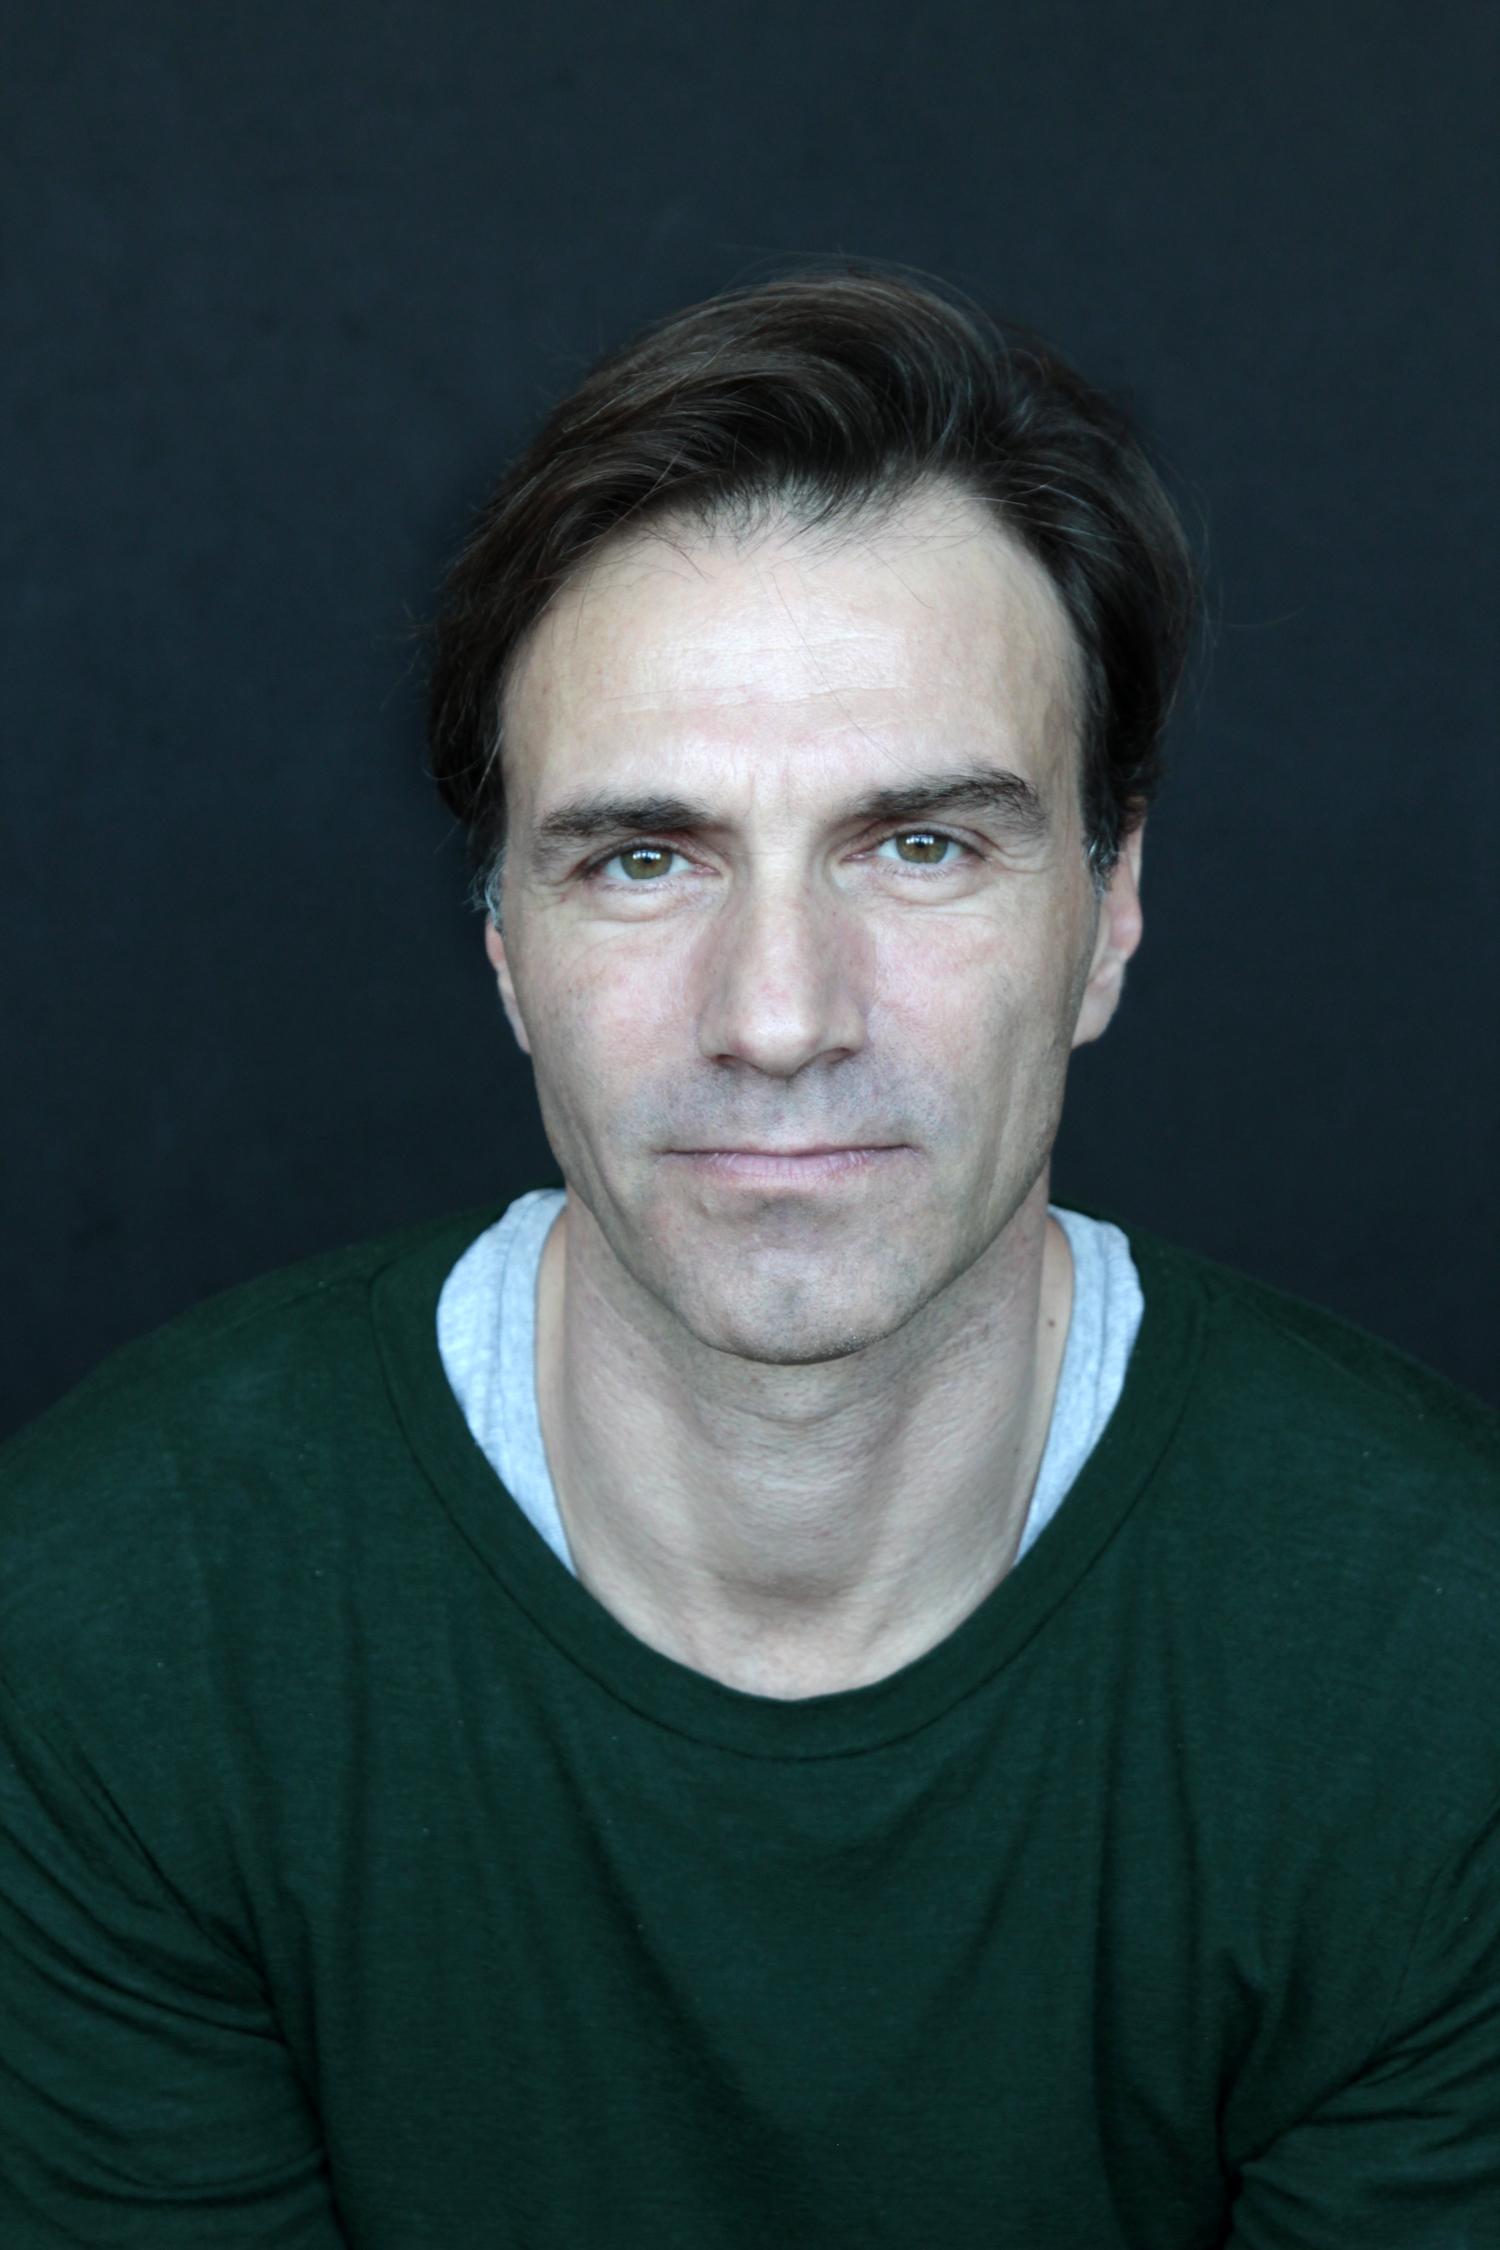 Martin Lilkendey unterrichtet an der Universität Koblenz. Foto: Privat